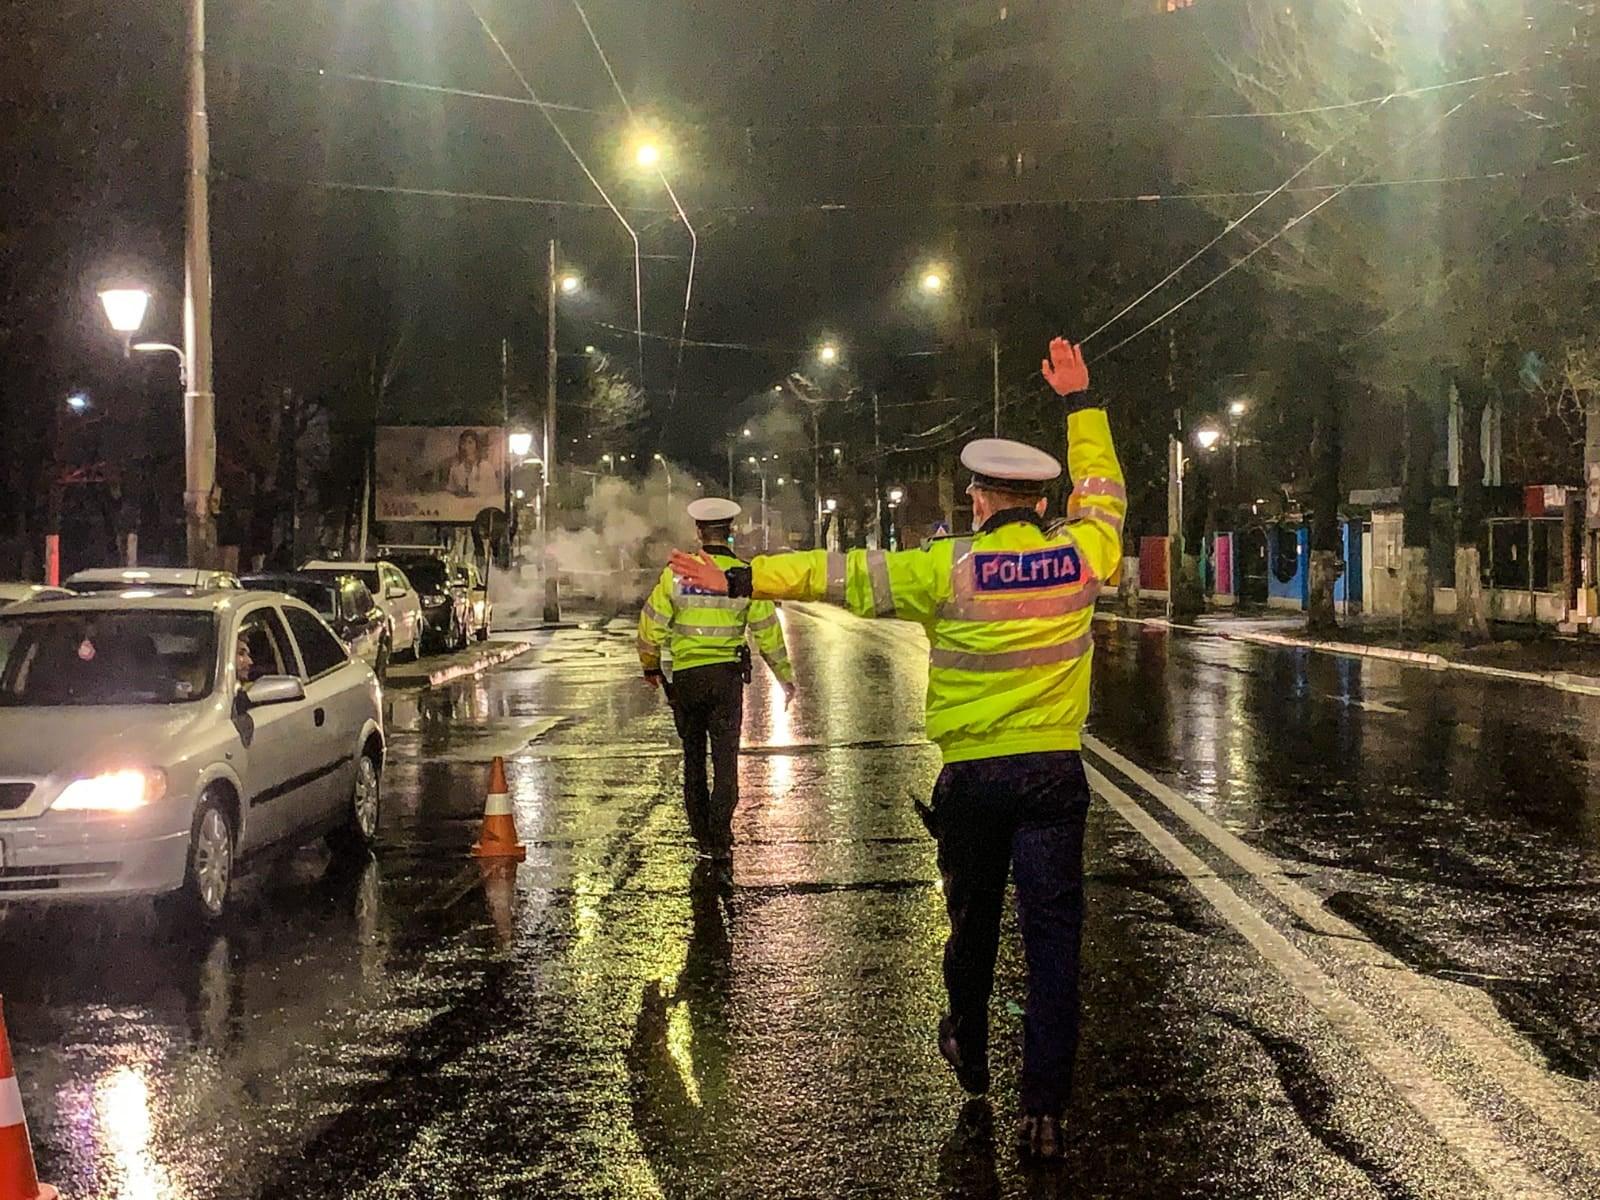 Restricții de circulație în București până miercuri. Poliția Rutieră ne pregătește pentru o săptămână aglomerată